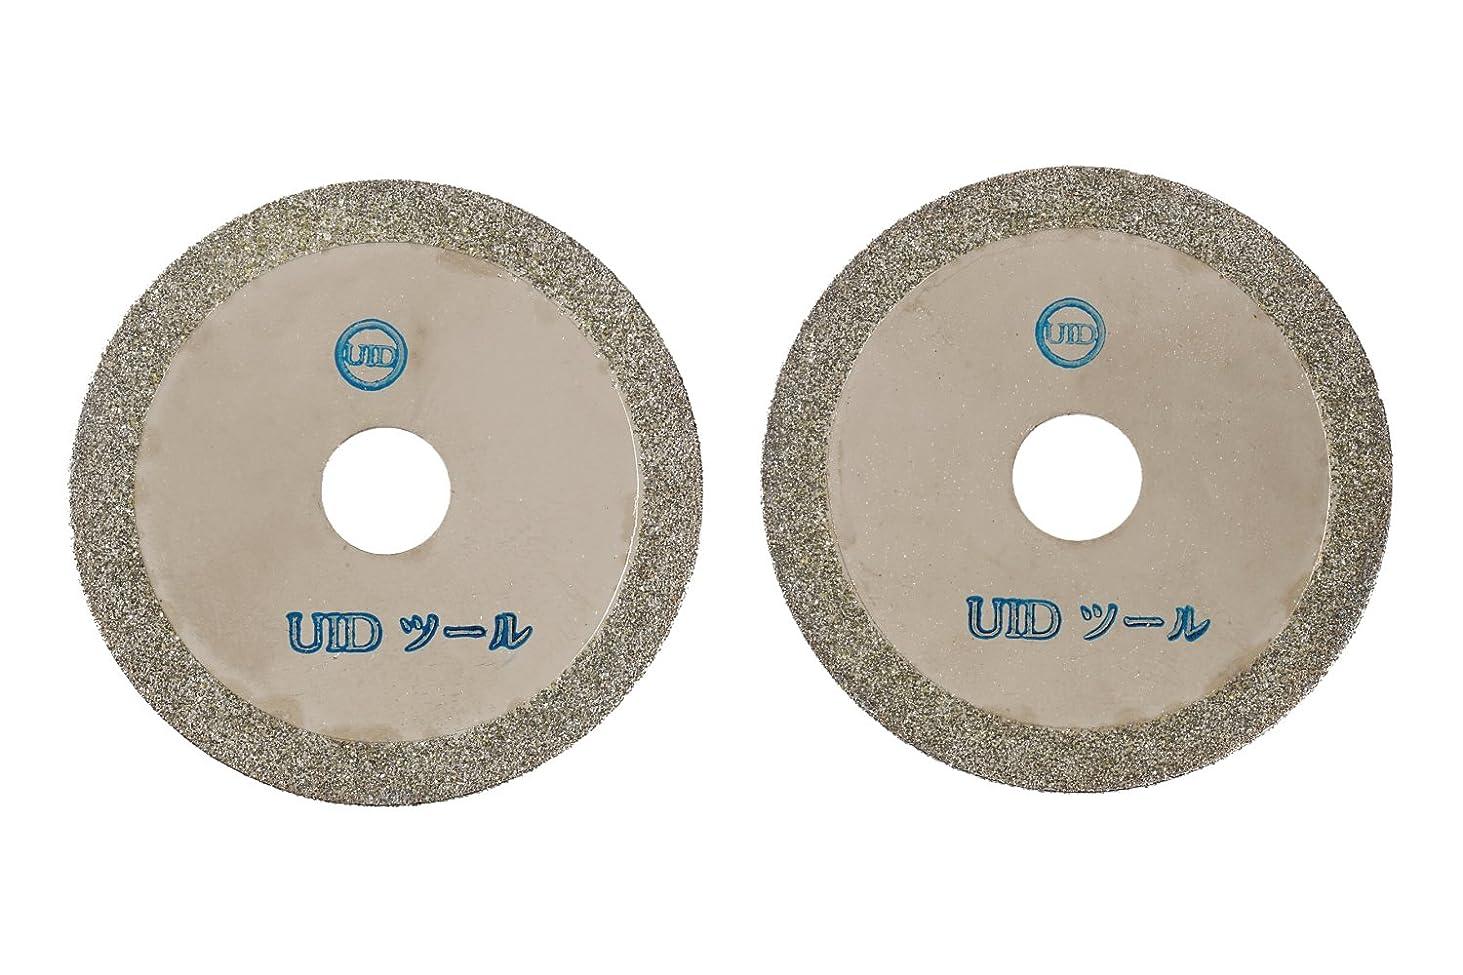 はず流体曖昧なUID 2枚セット ダイヤモンドブレード プロクソン(PROXXON)サーキュラーソーテーブル小型卓上丸鋸盤 互換ダイヤモンドブレード 50mm プリント基板 カーボングラス F.R.P. 等の切断 NO.816